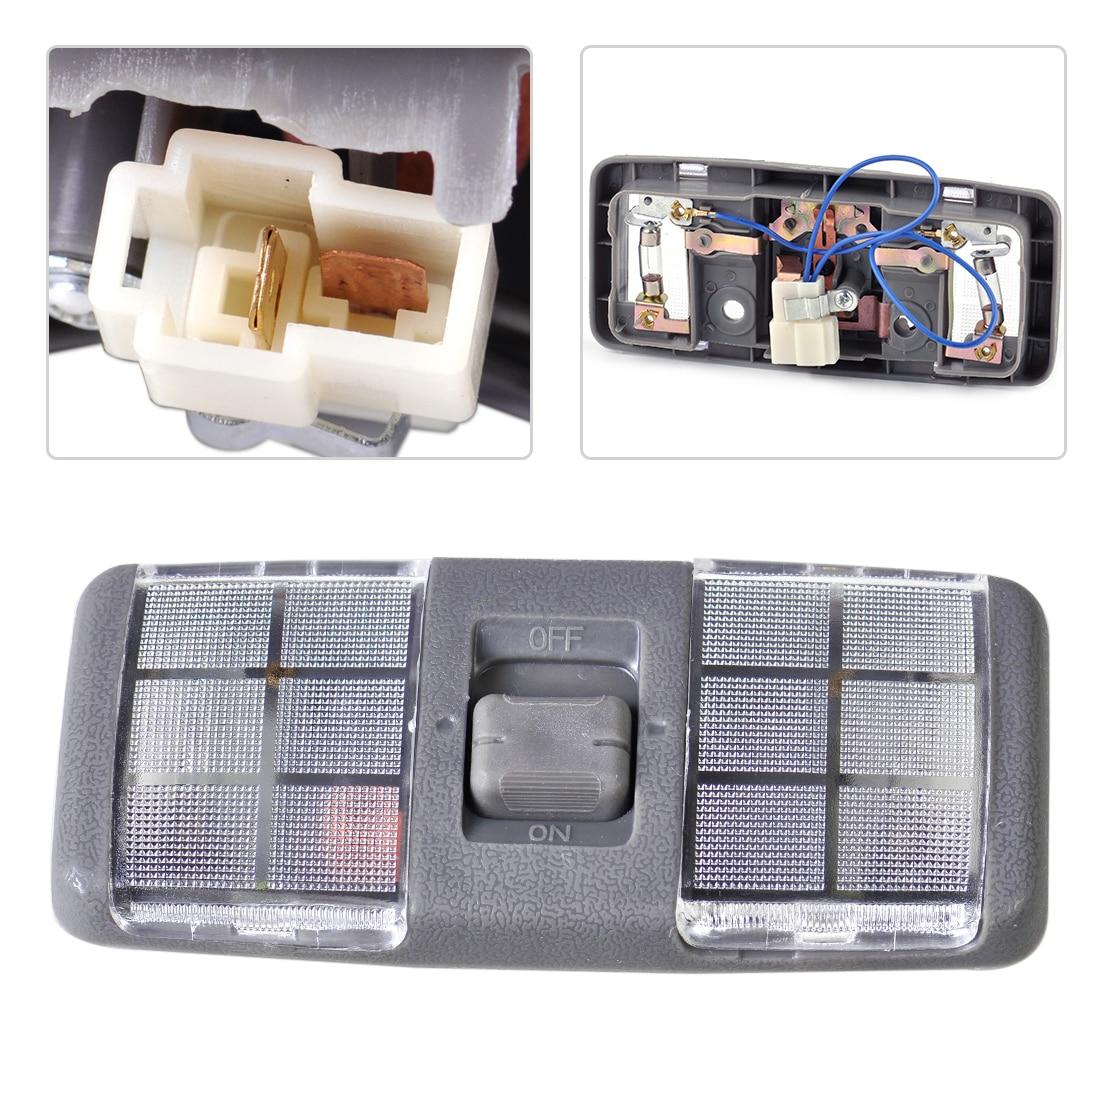 beler New Interior Roof Dome Light Reading Lamp MB774928 for Mitsubishi Pajero Shogun Montero V31 V32 V33 V43 1990-2003 2004 turbo tf035 49135 02910 49135 02920 1515a123 turbocharger for mitsubishi shogun pajero montero 2007 4m42 4m42t tritan 3200 3 2l